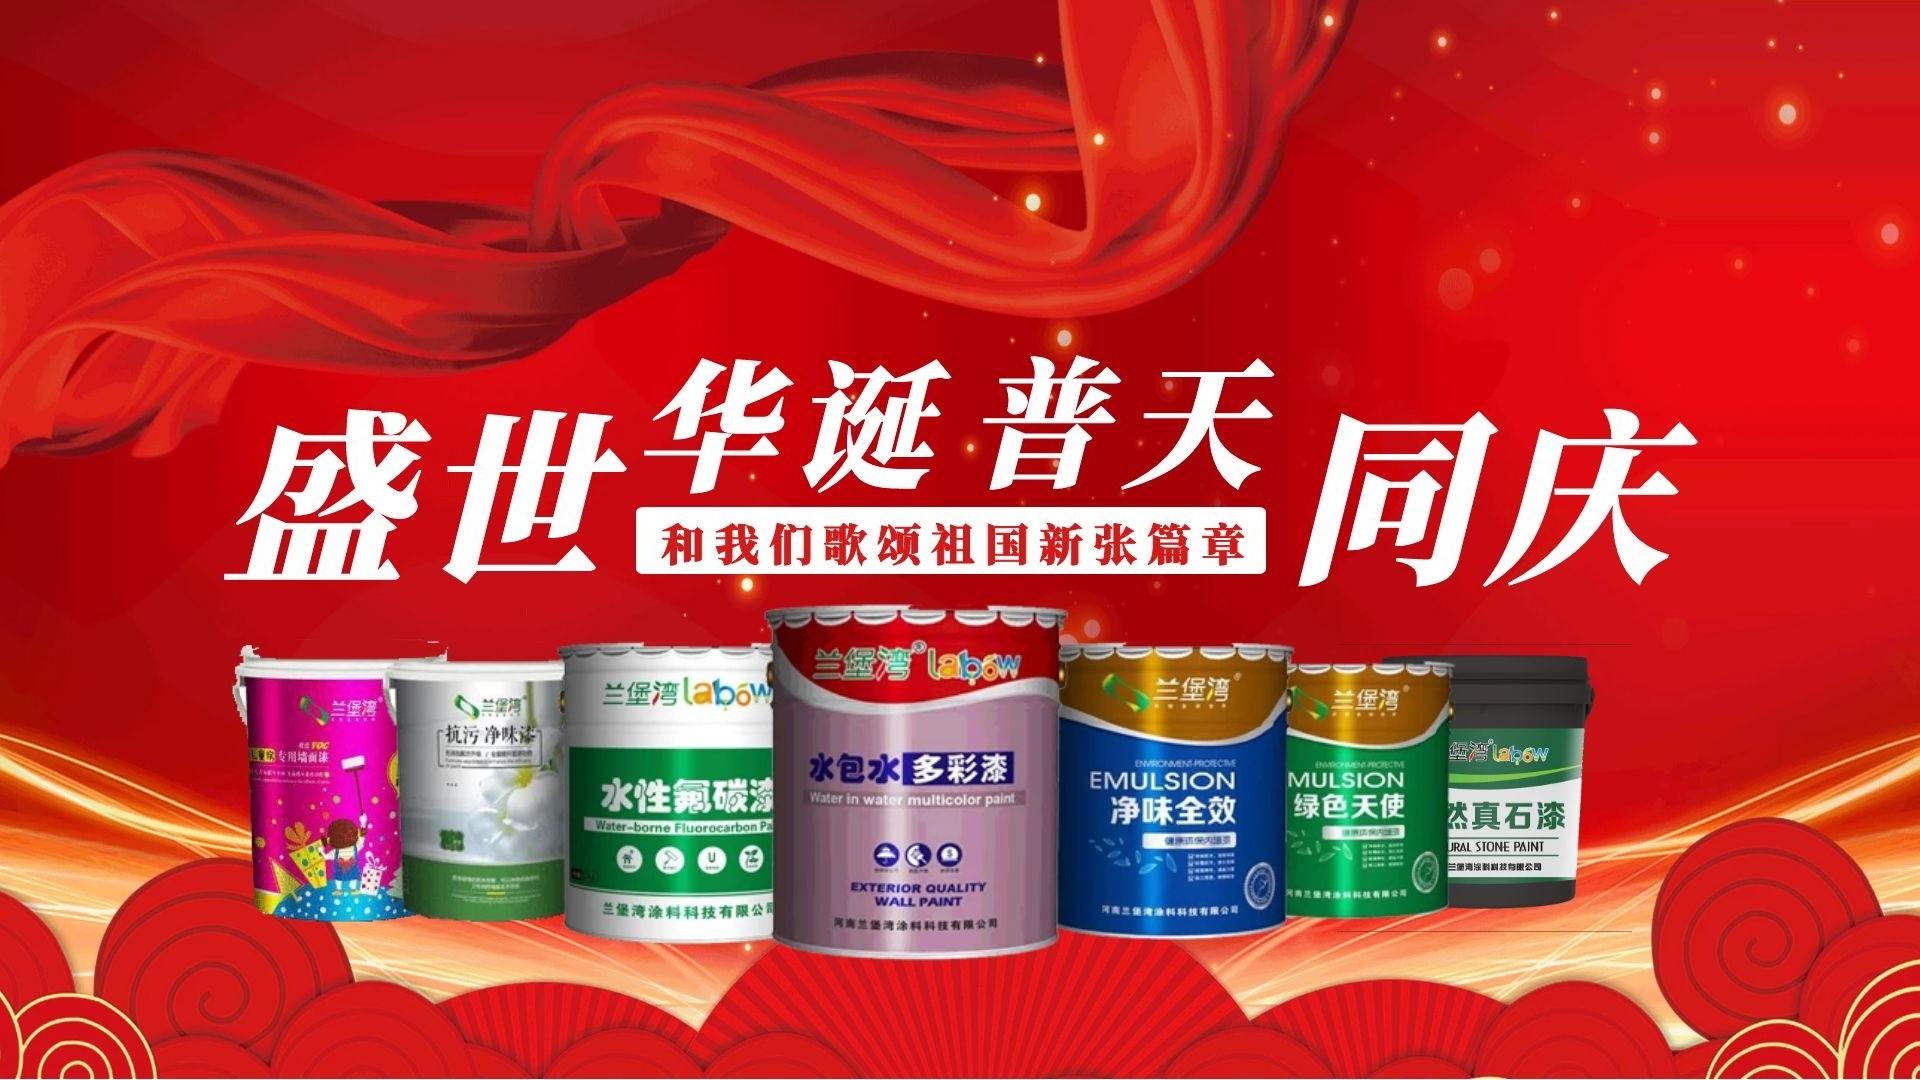 """国凯集团·兰堡湾涂料公司——匠心""""涂""""强 献礼国庆!"""